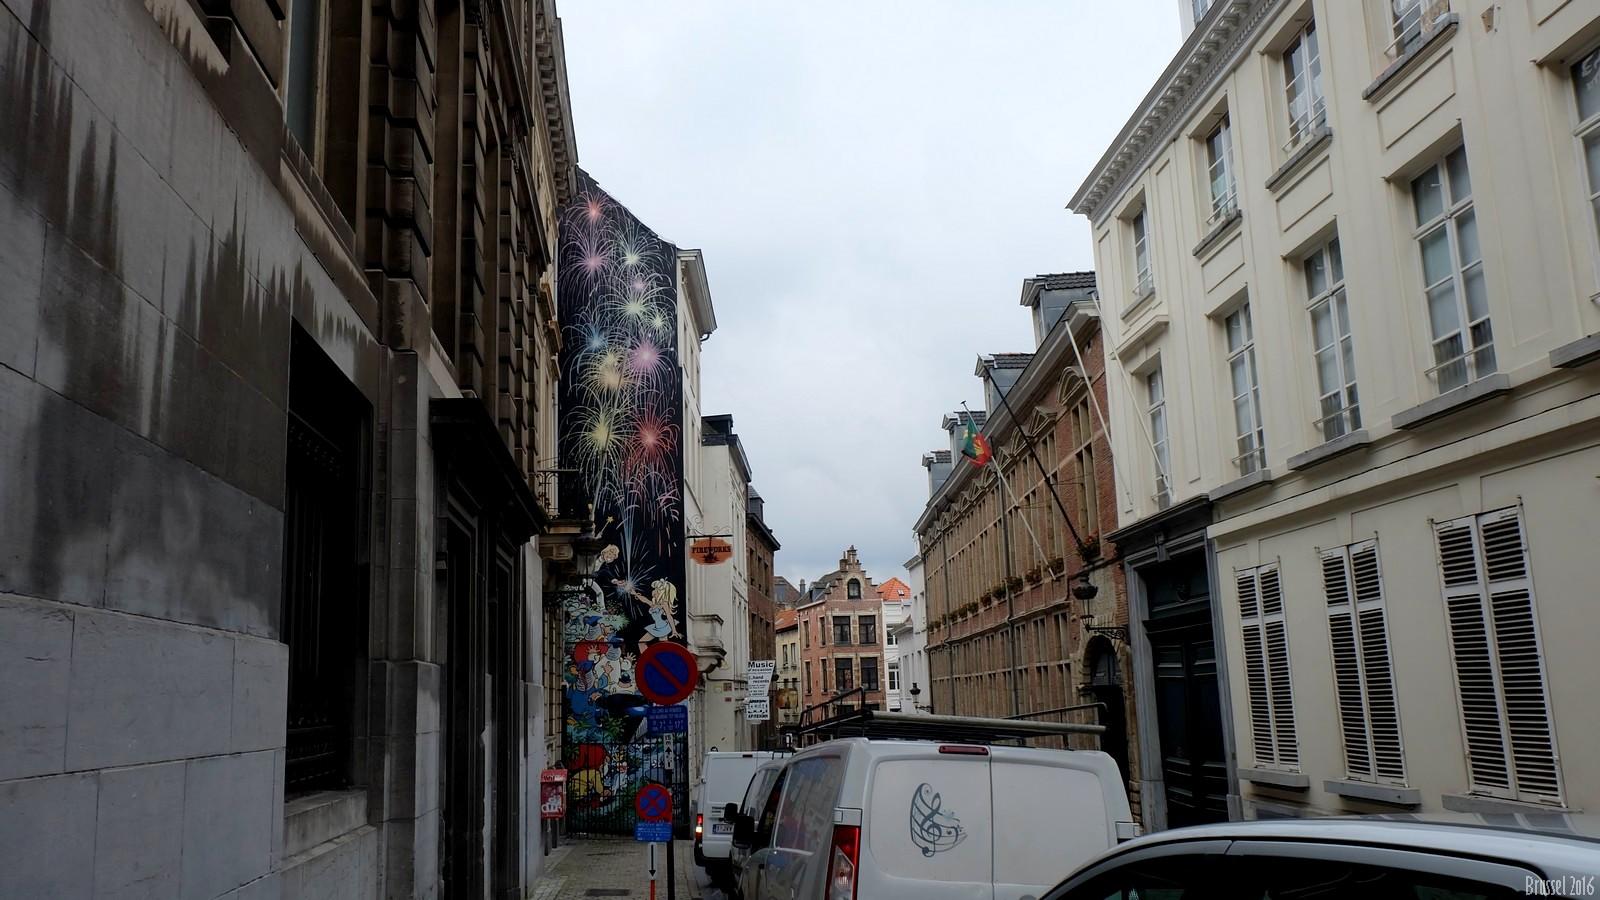 Brussel, Belgium